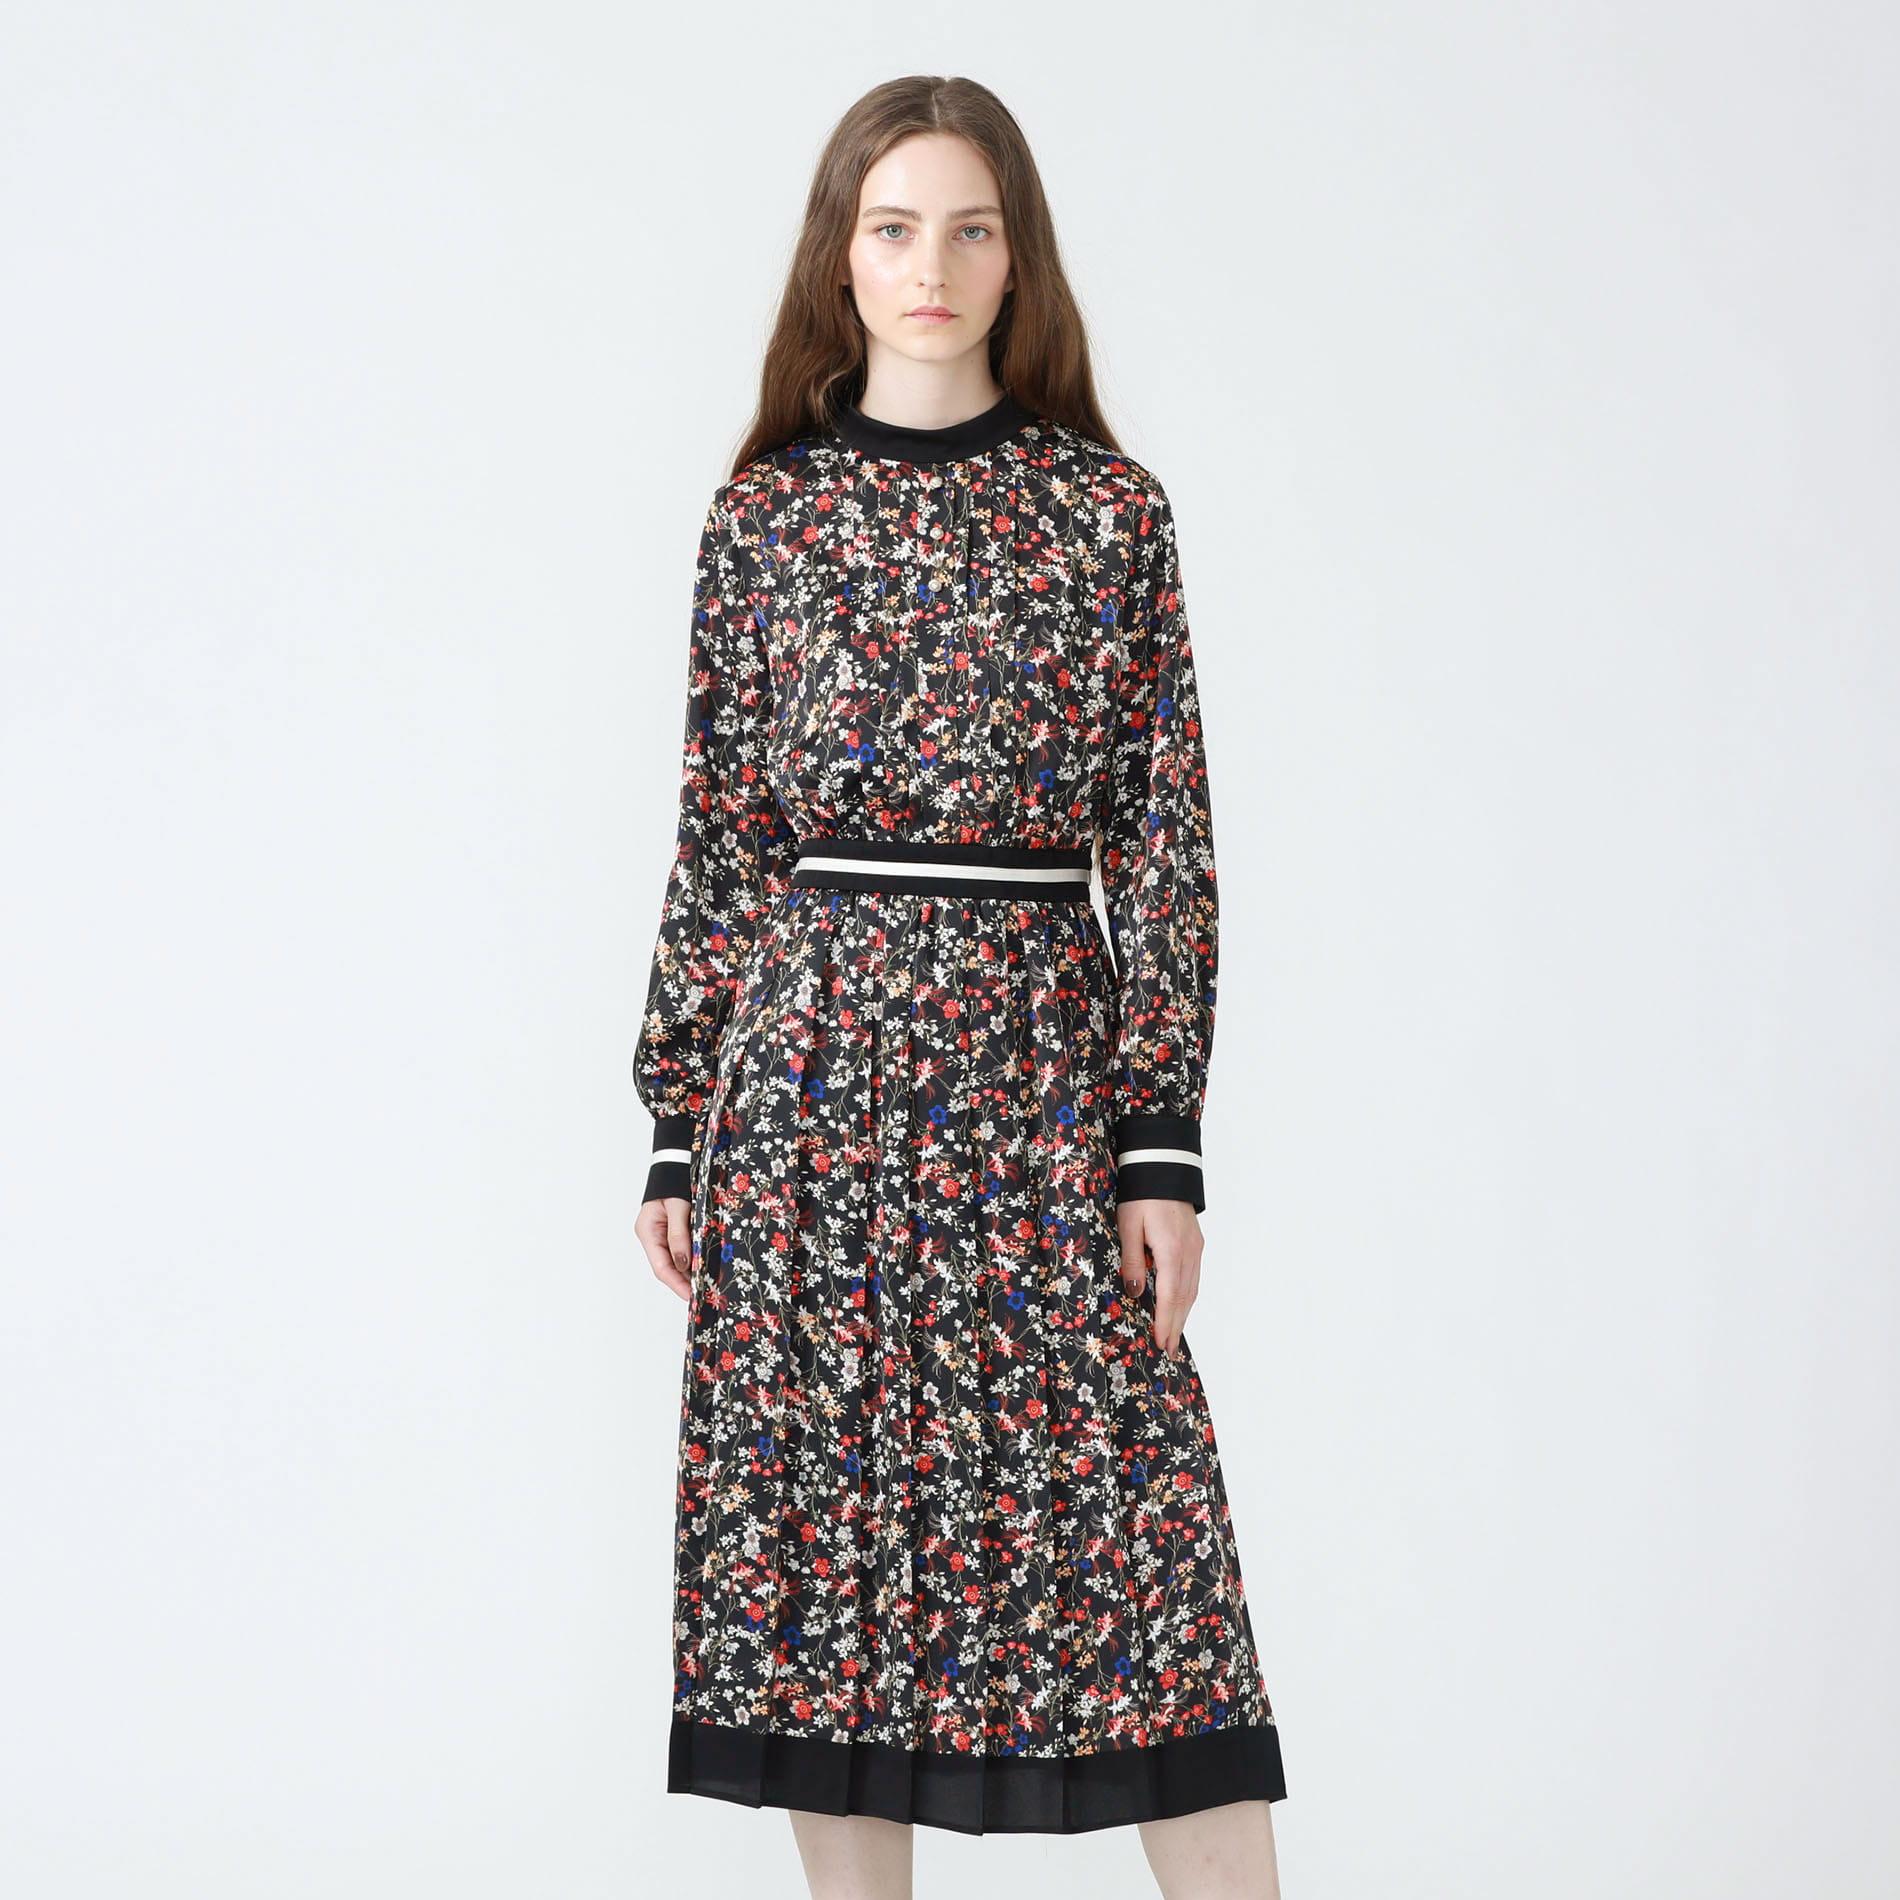 【予約販売】フラワープリントハイネックドレス